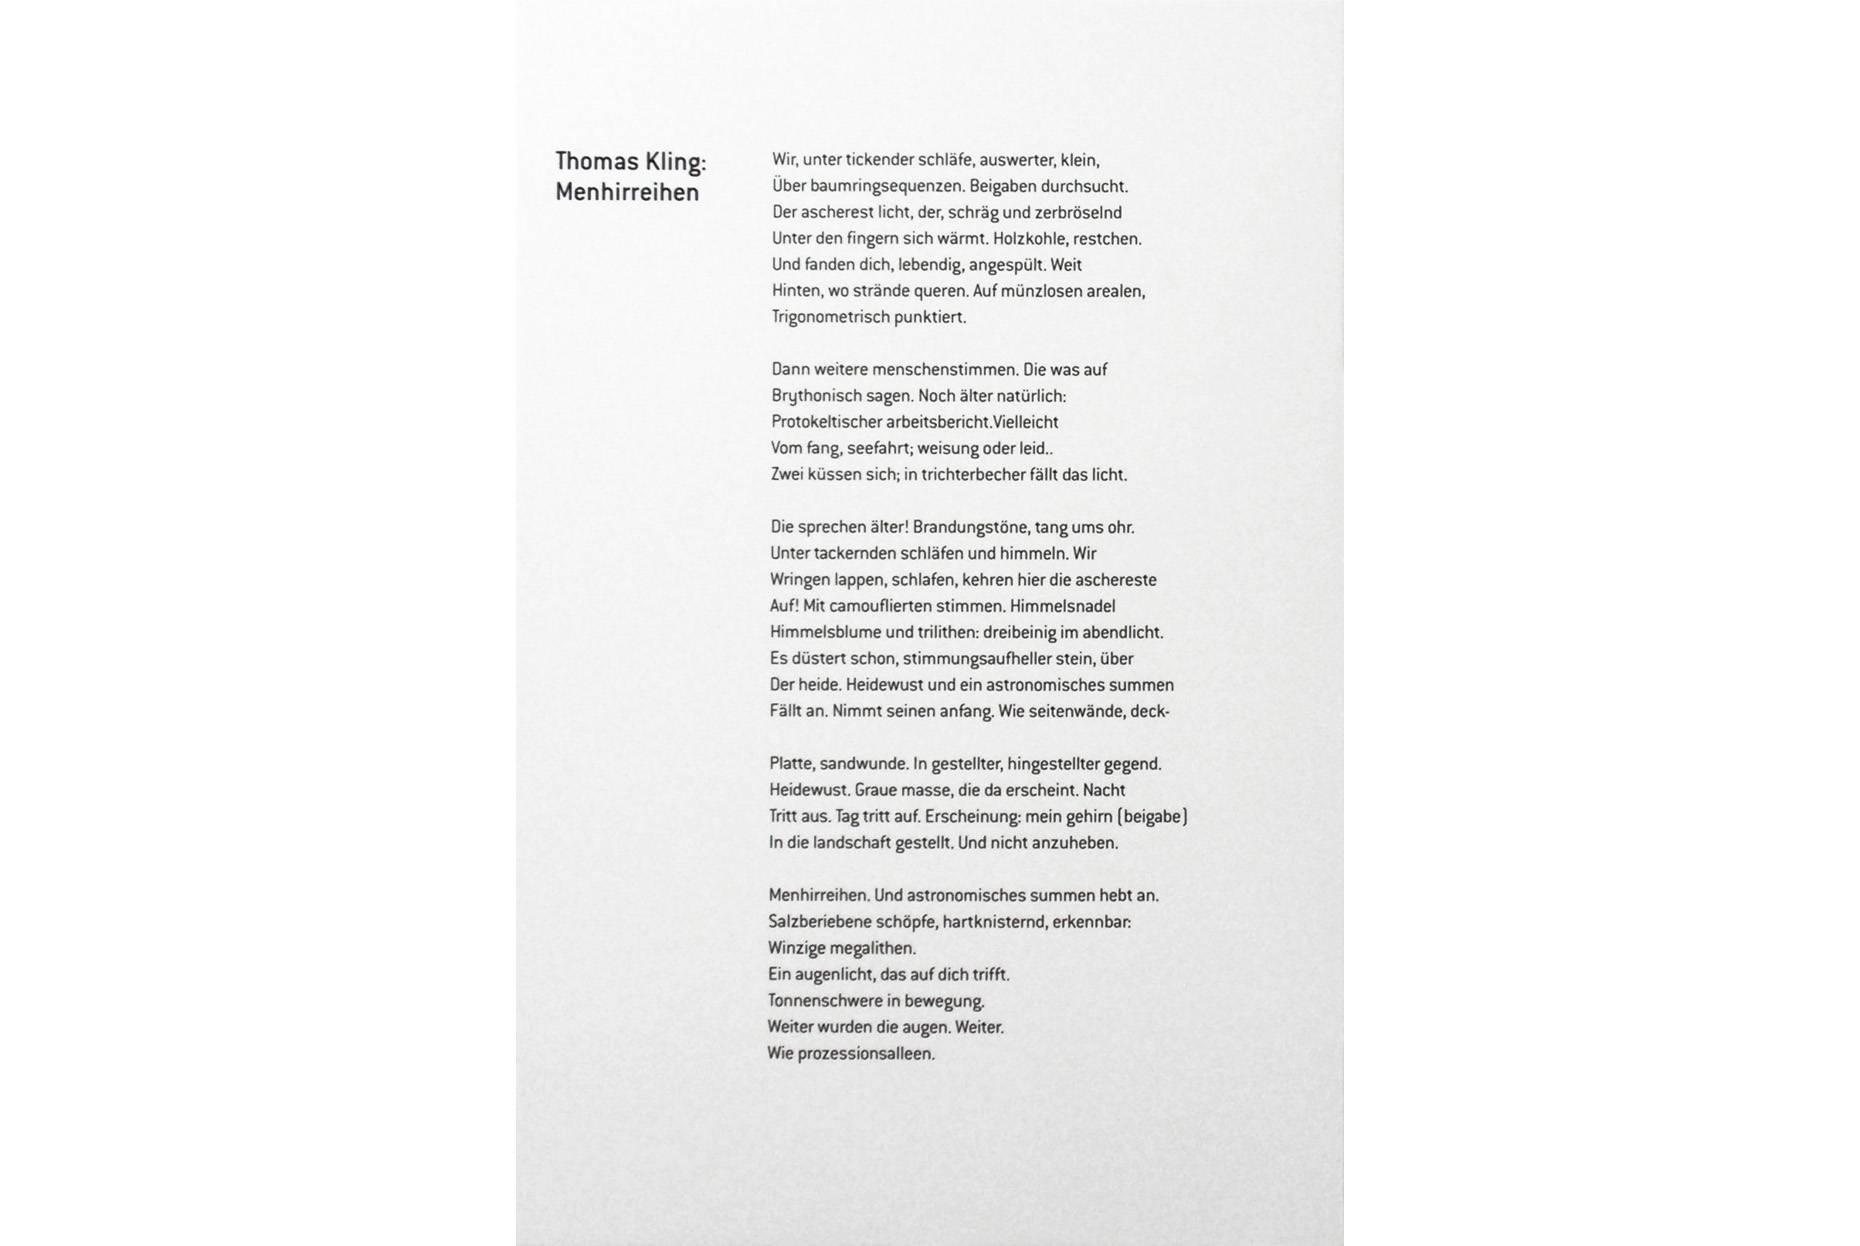 Menhirreihen 1999 Text Thomas Kling verfaßt für das Katalogbuch Anamnese (Copyright) Suhrkamp Verlag Berlin 2020